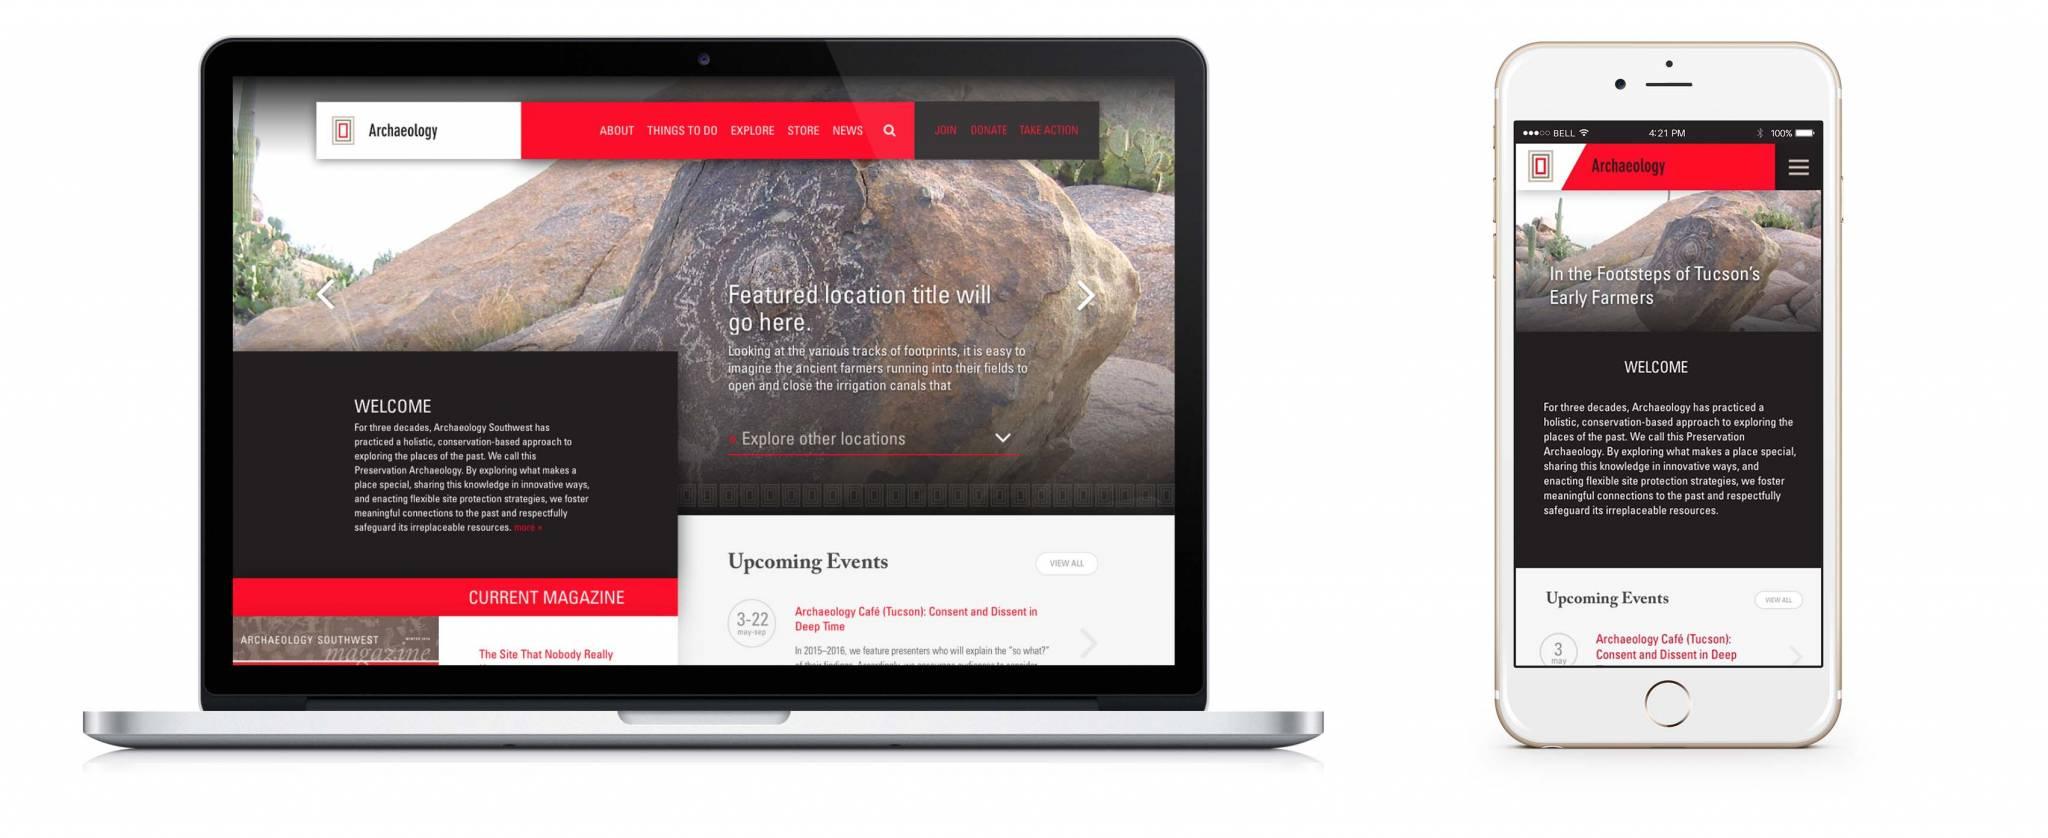 Diseñando un Mejor Portal Web: Los Fundamentos Primero